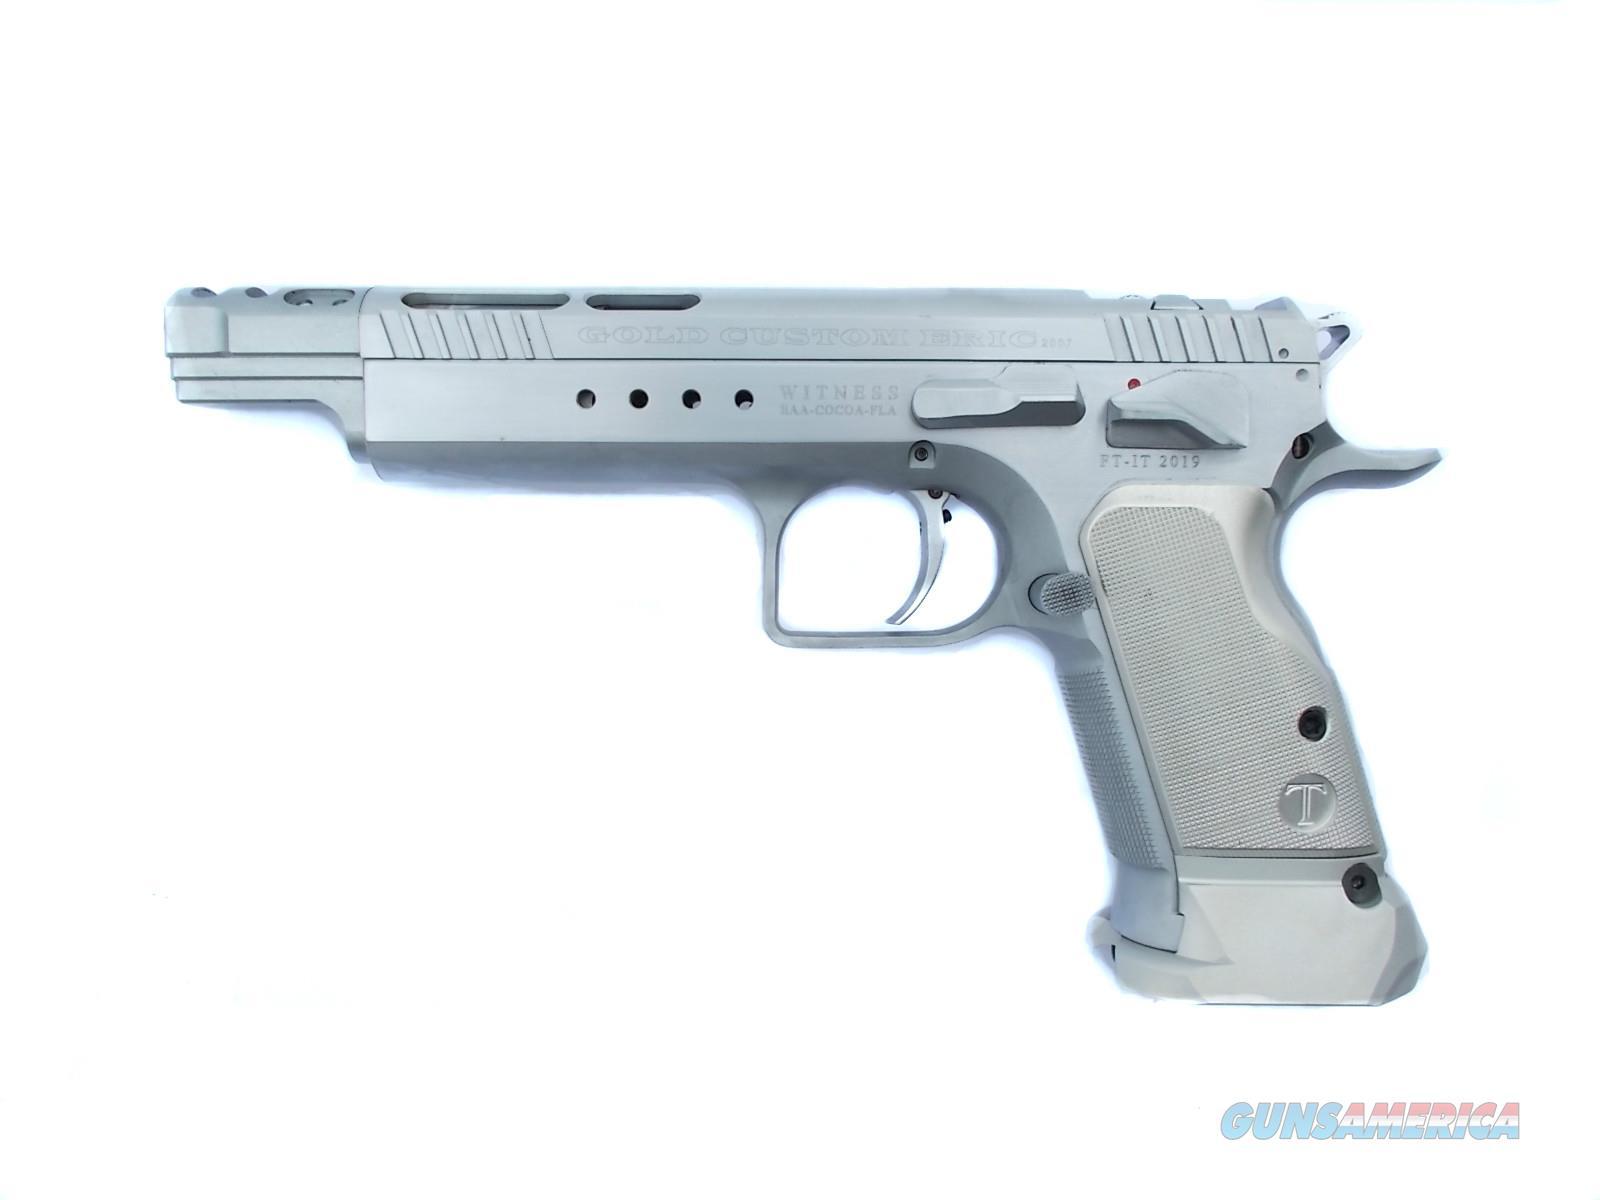 EAA Witness Elite Gold Custom Eric 9mm Open Tanfoglio *NIB* 600066  Guns > Pistols > EAA Pistols > Other